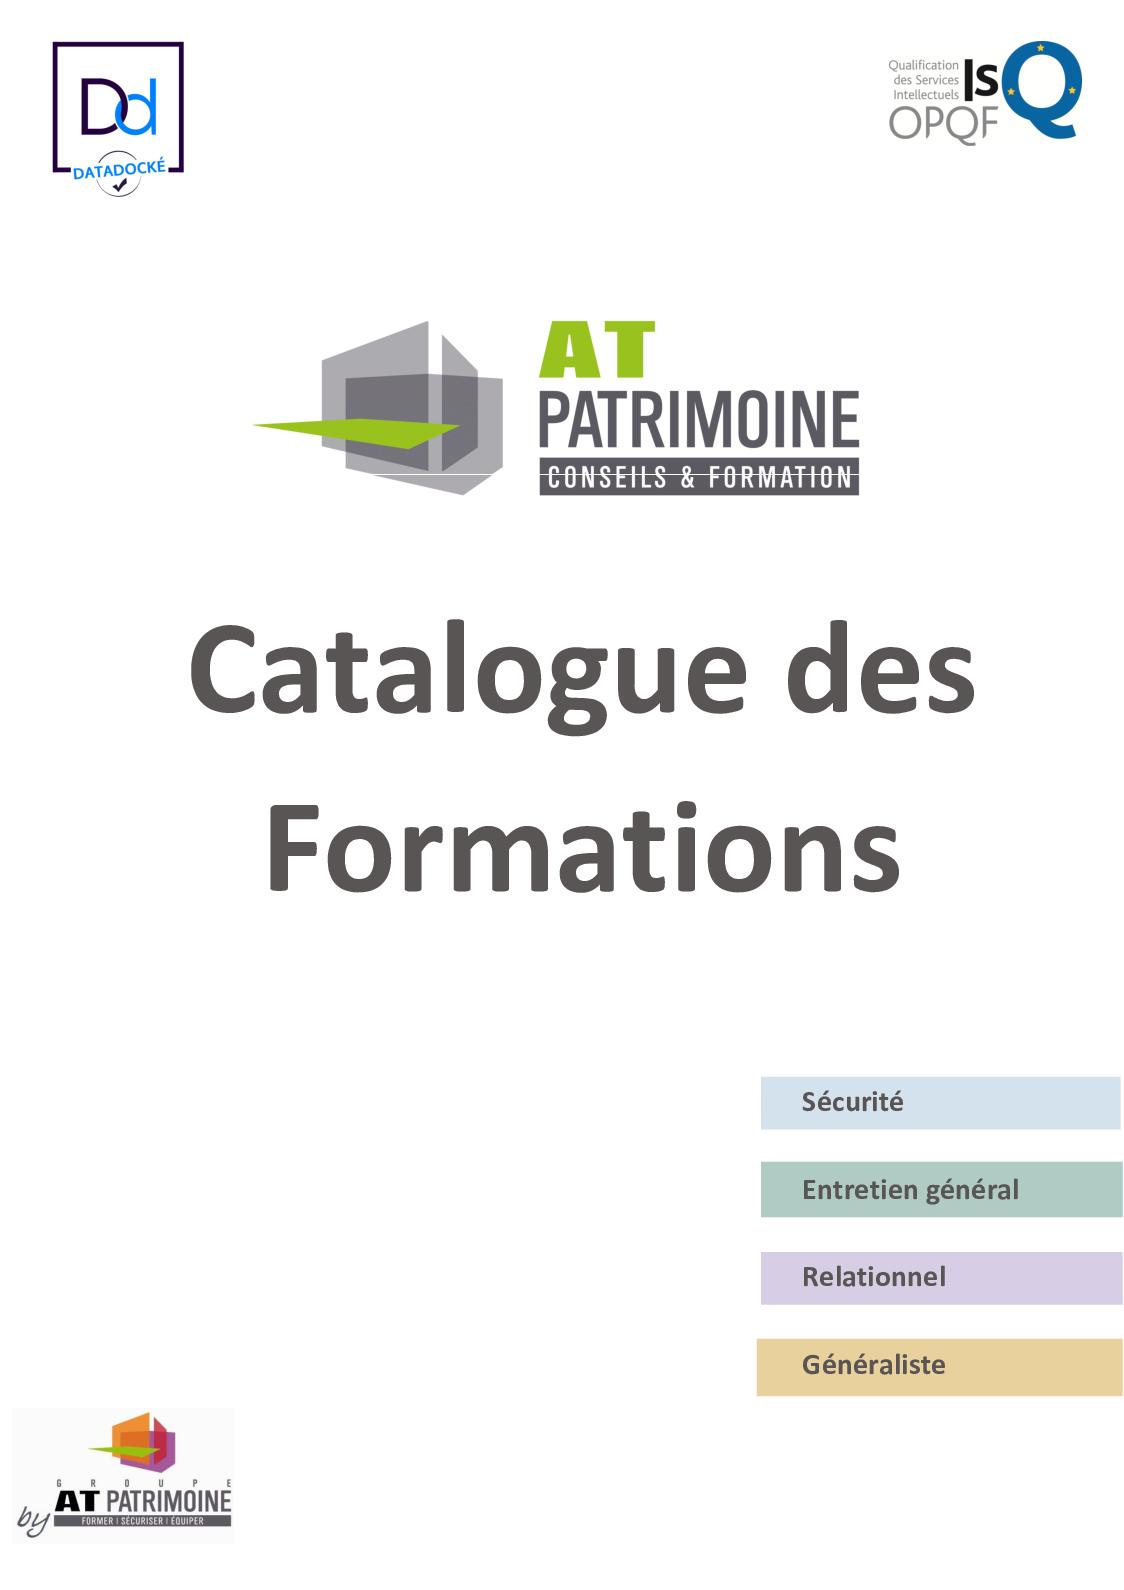 Catalogue Des Formations At Patrimoine 2018